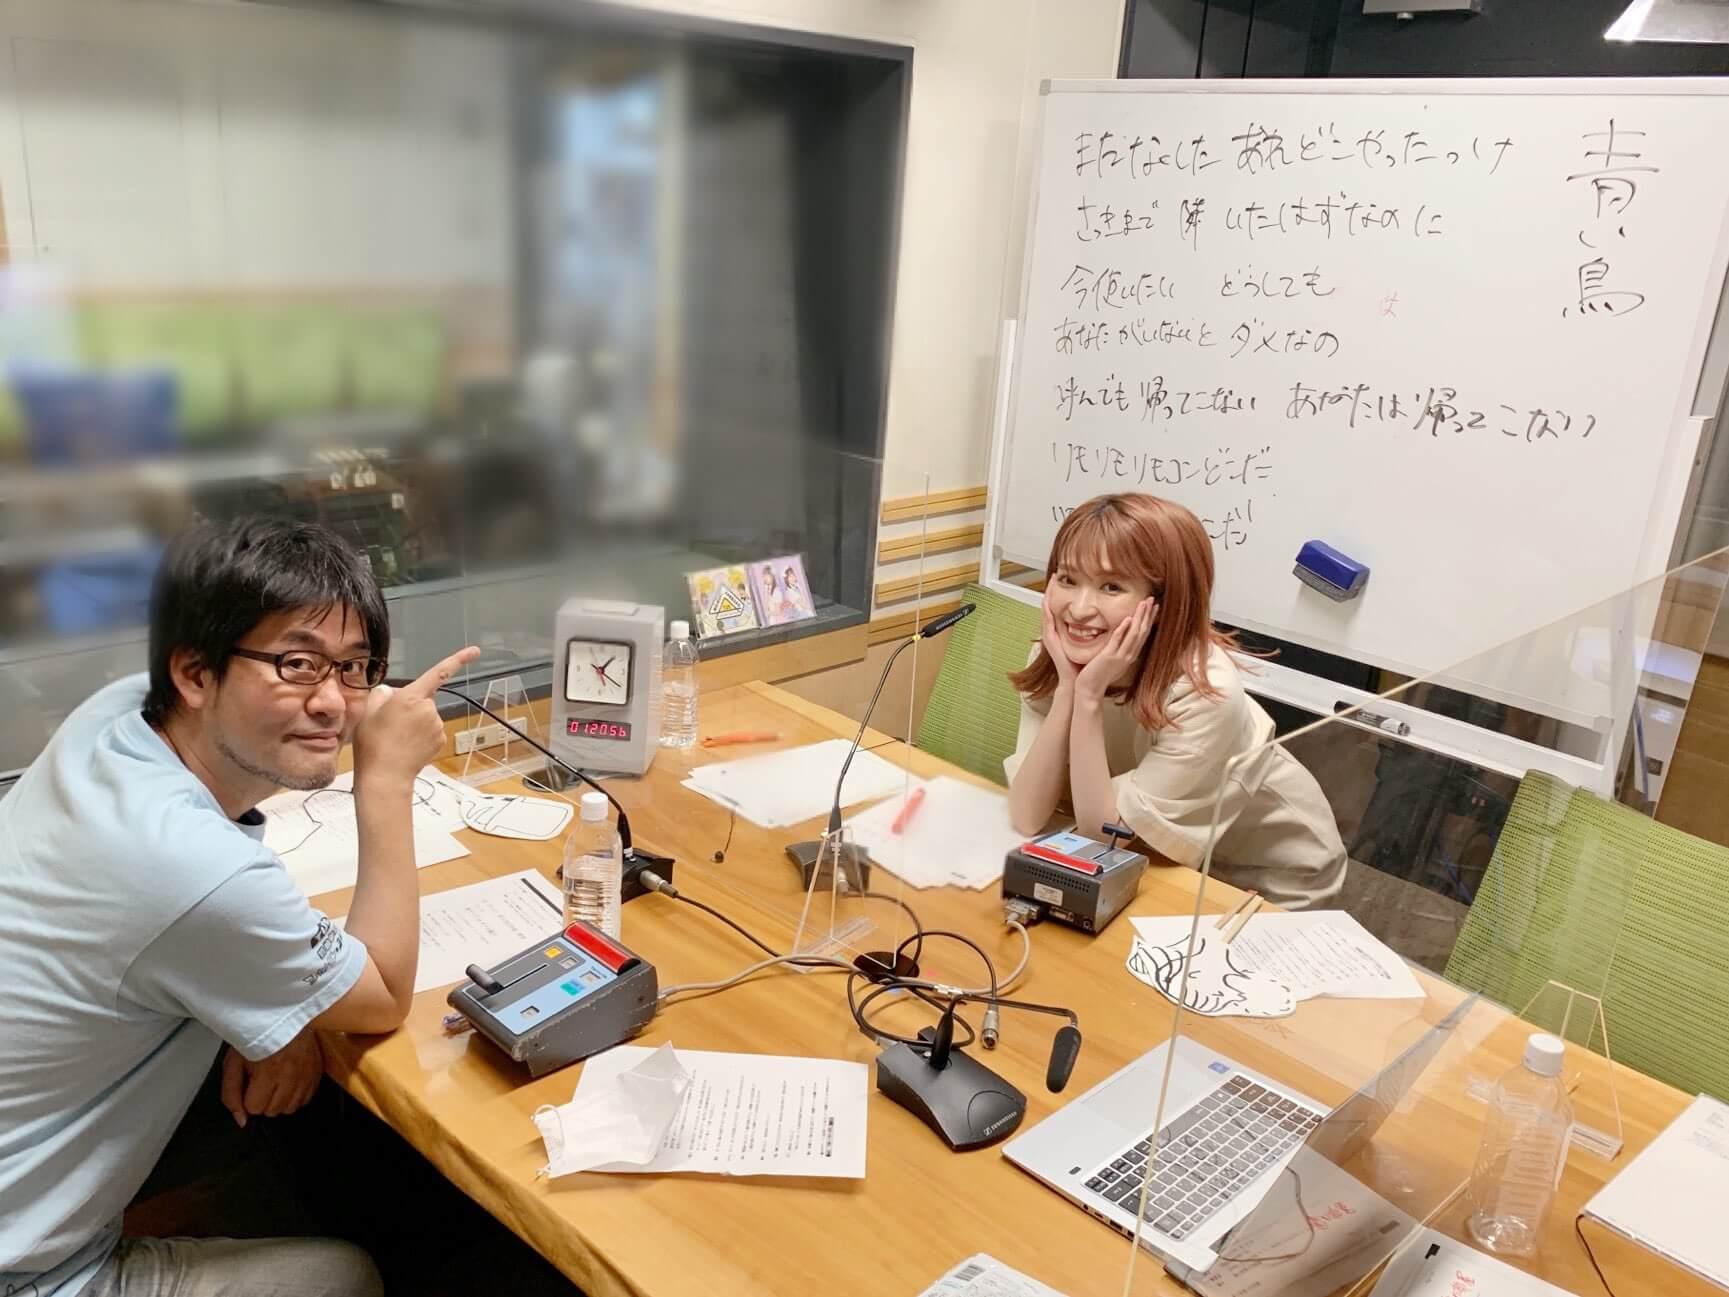 鷲崎健のヨルナイト×ヨルナイト火曜日! #1091レポート